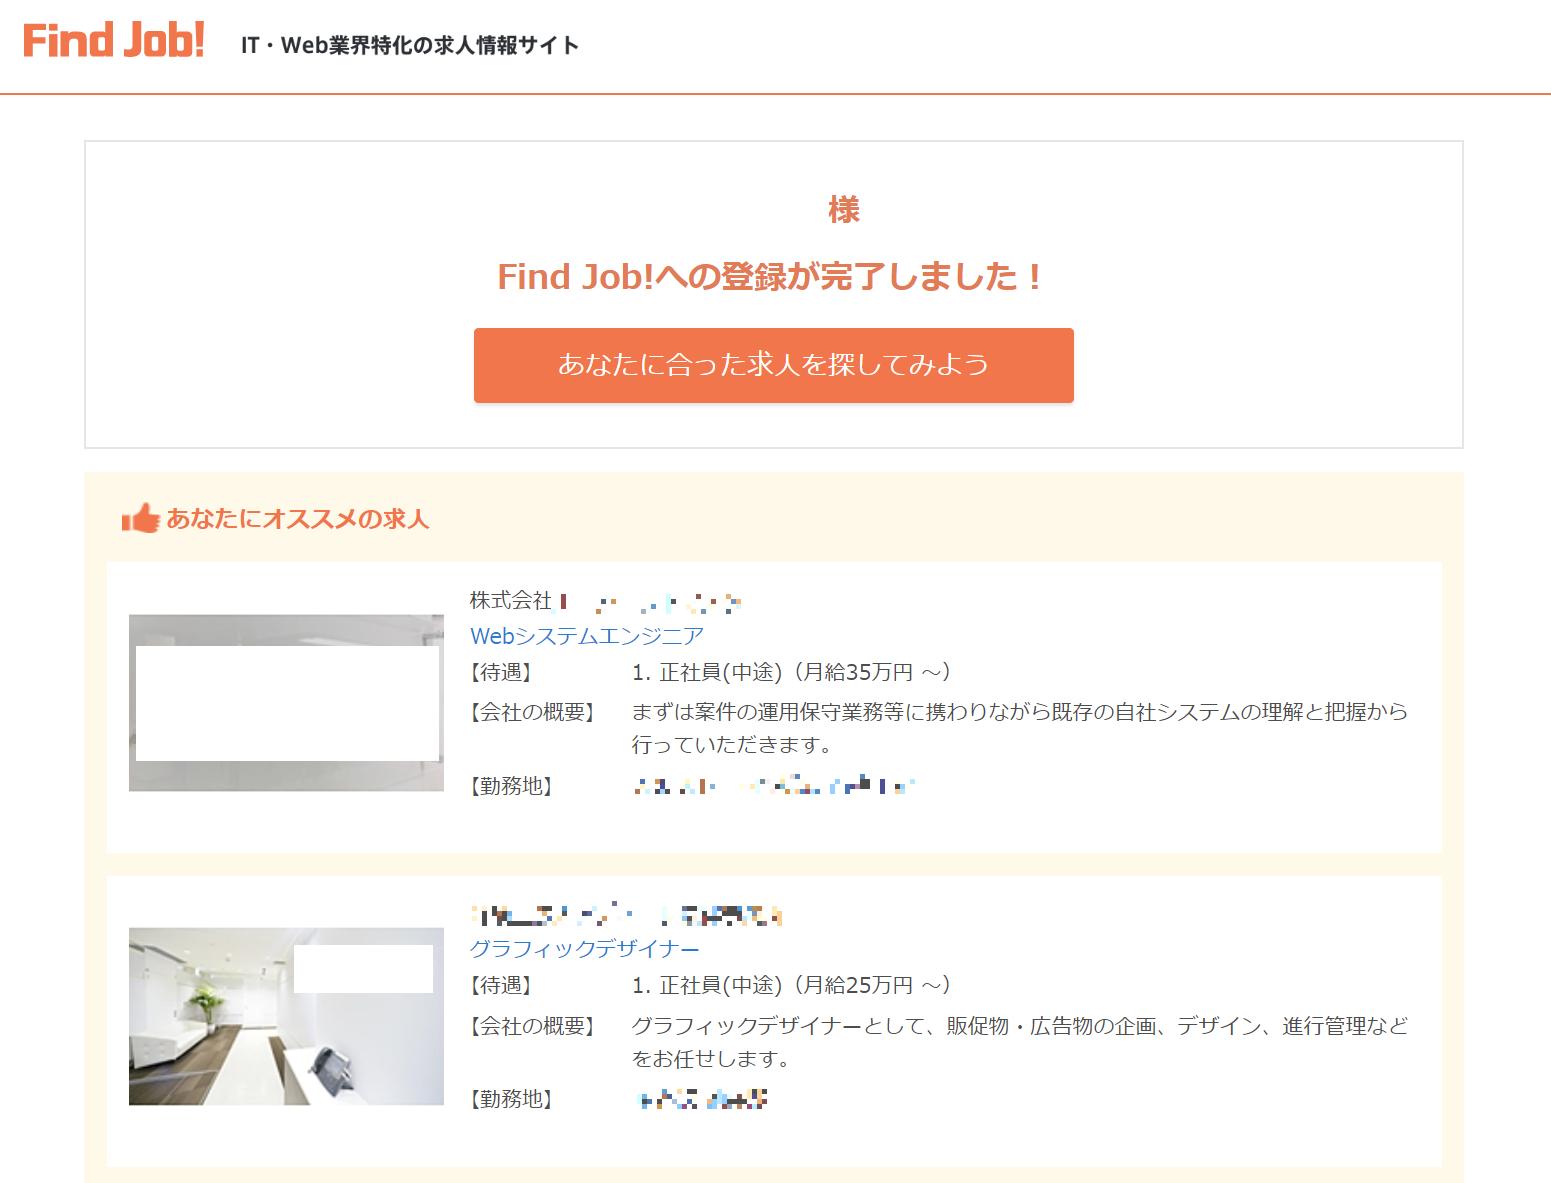 Find job登録画面03